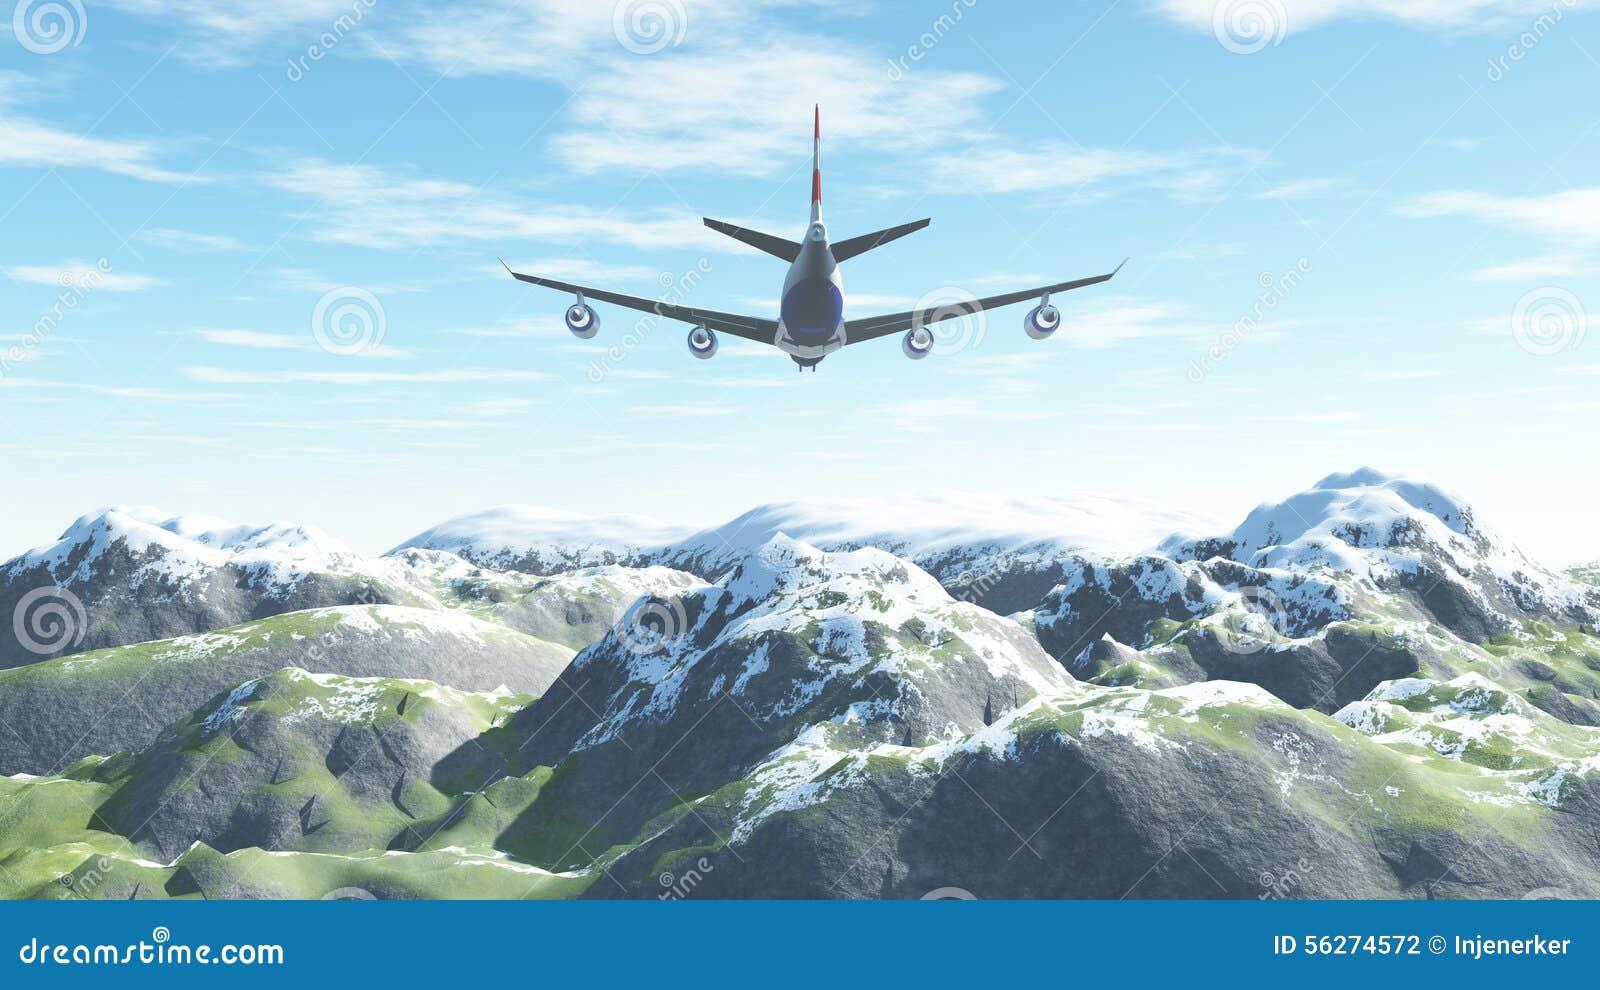 El avión vuela sobre las montañas coronadas de nieve